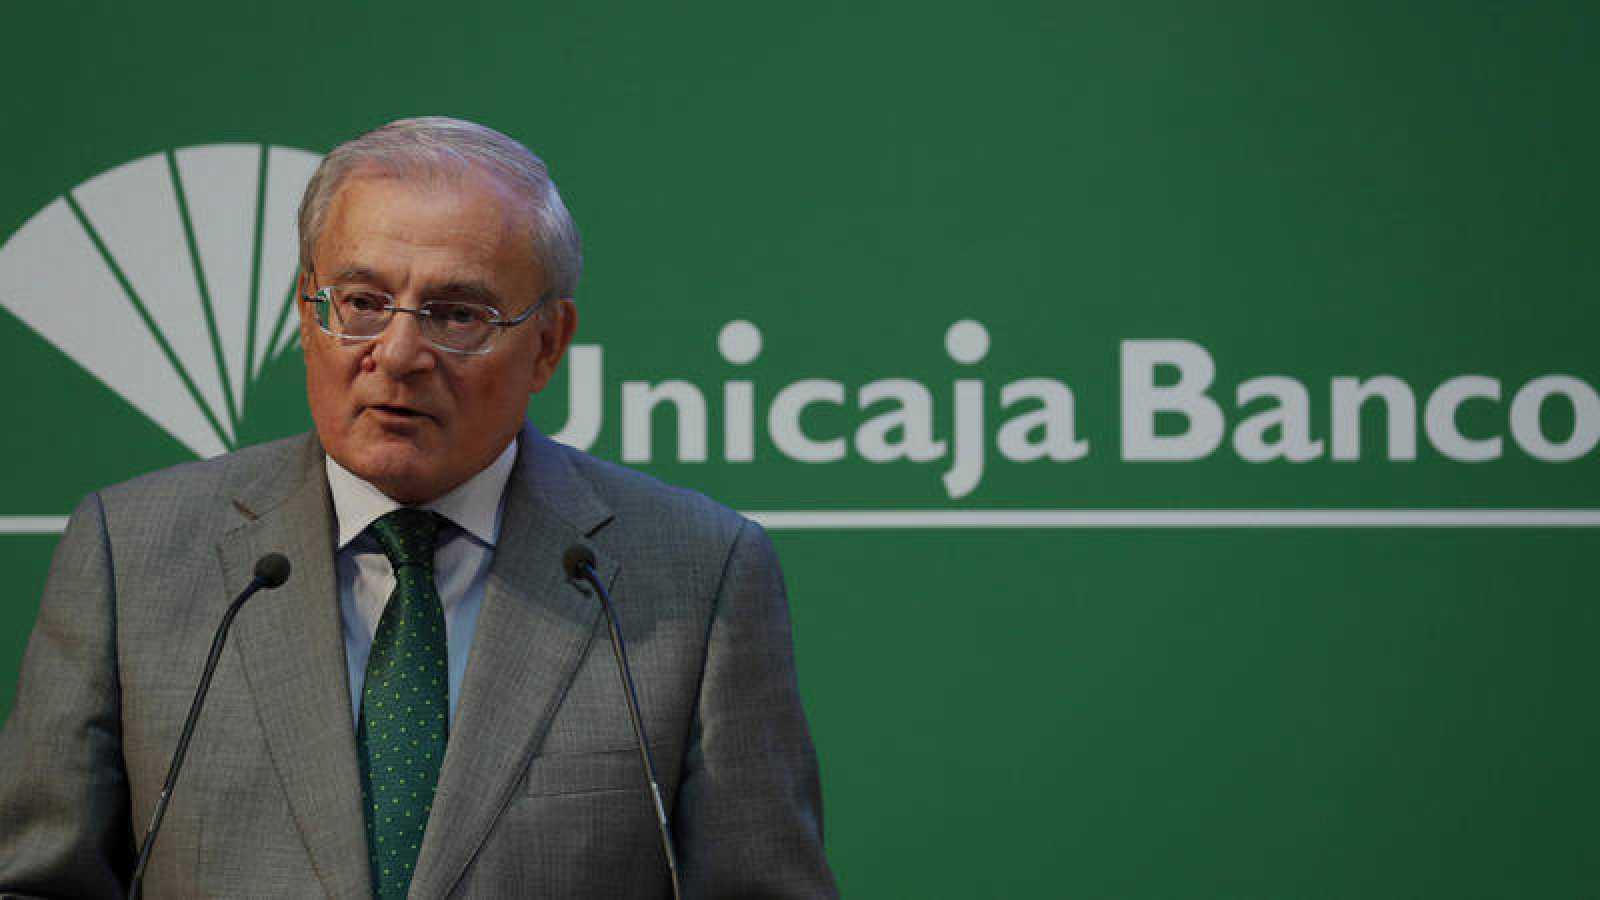 El presidente de Unicaja Banco, Manuel Azuaga